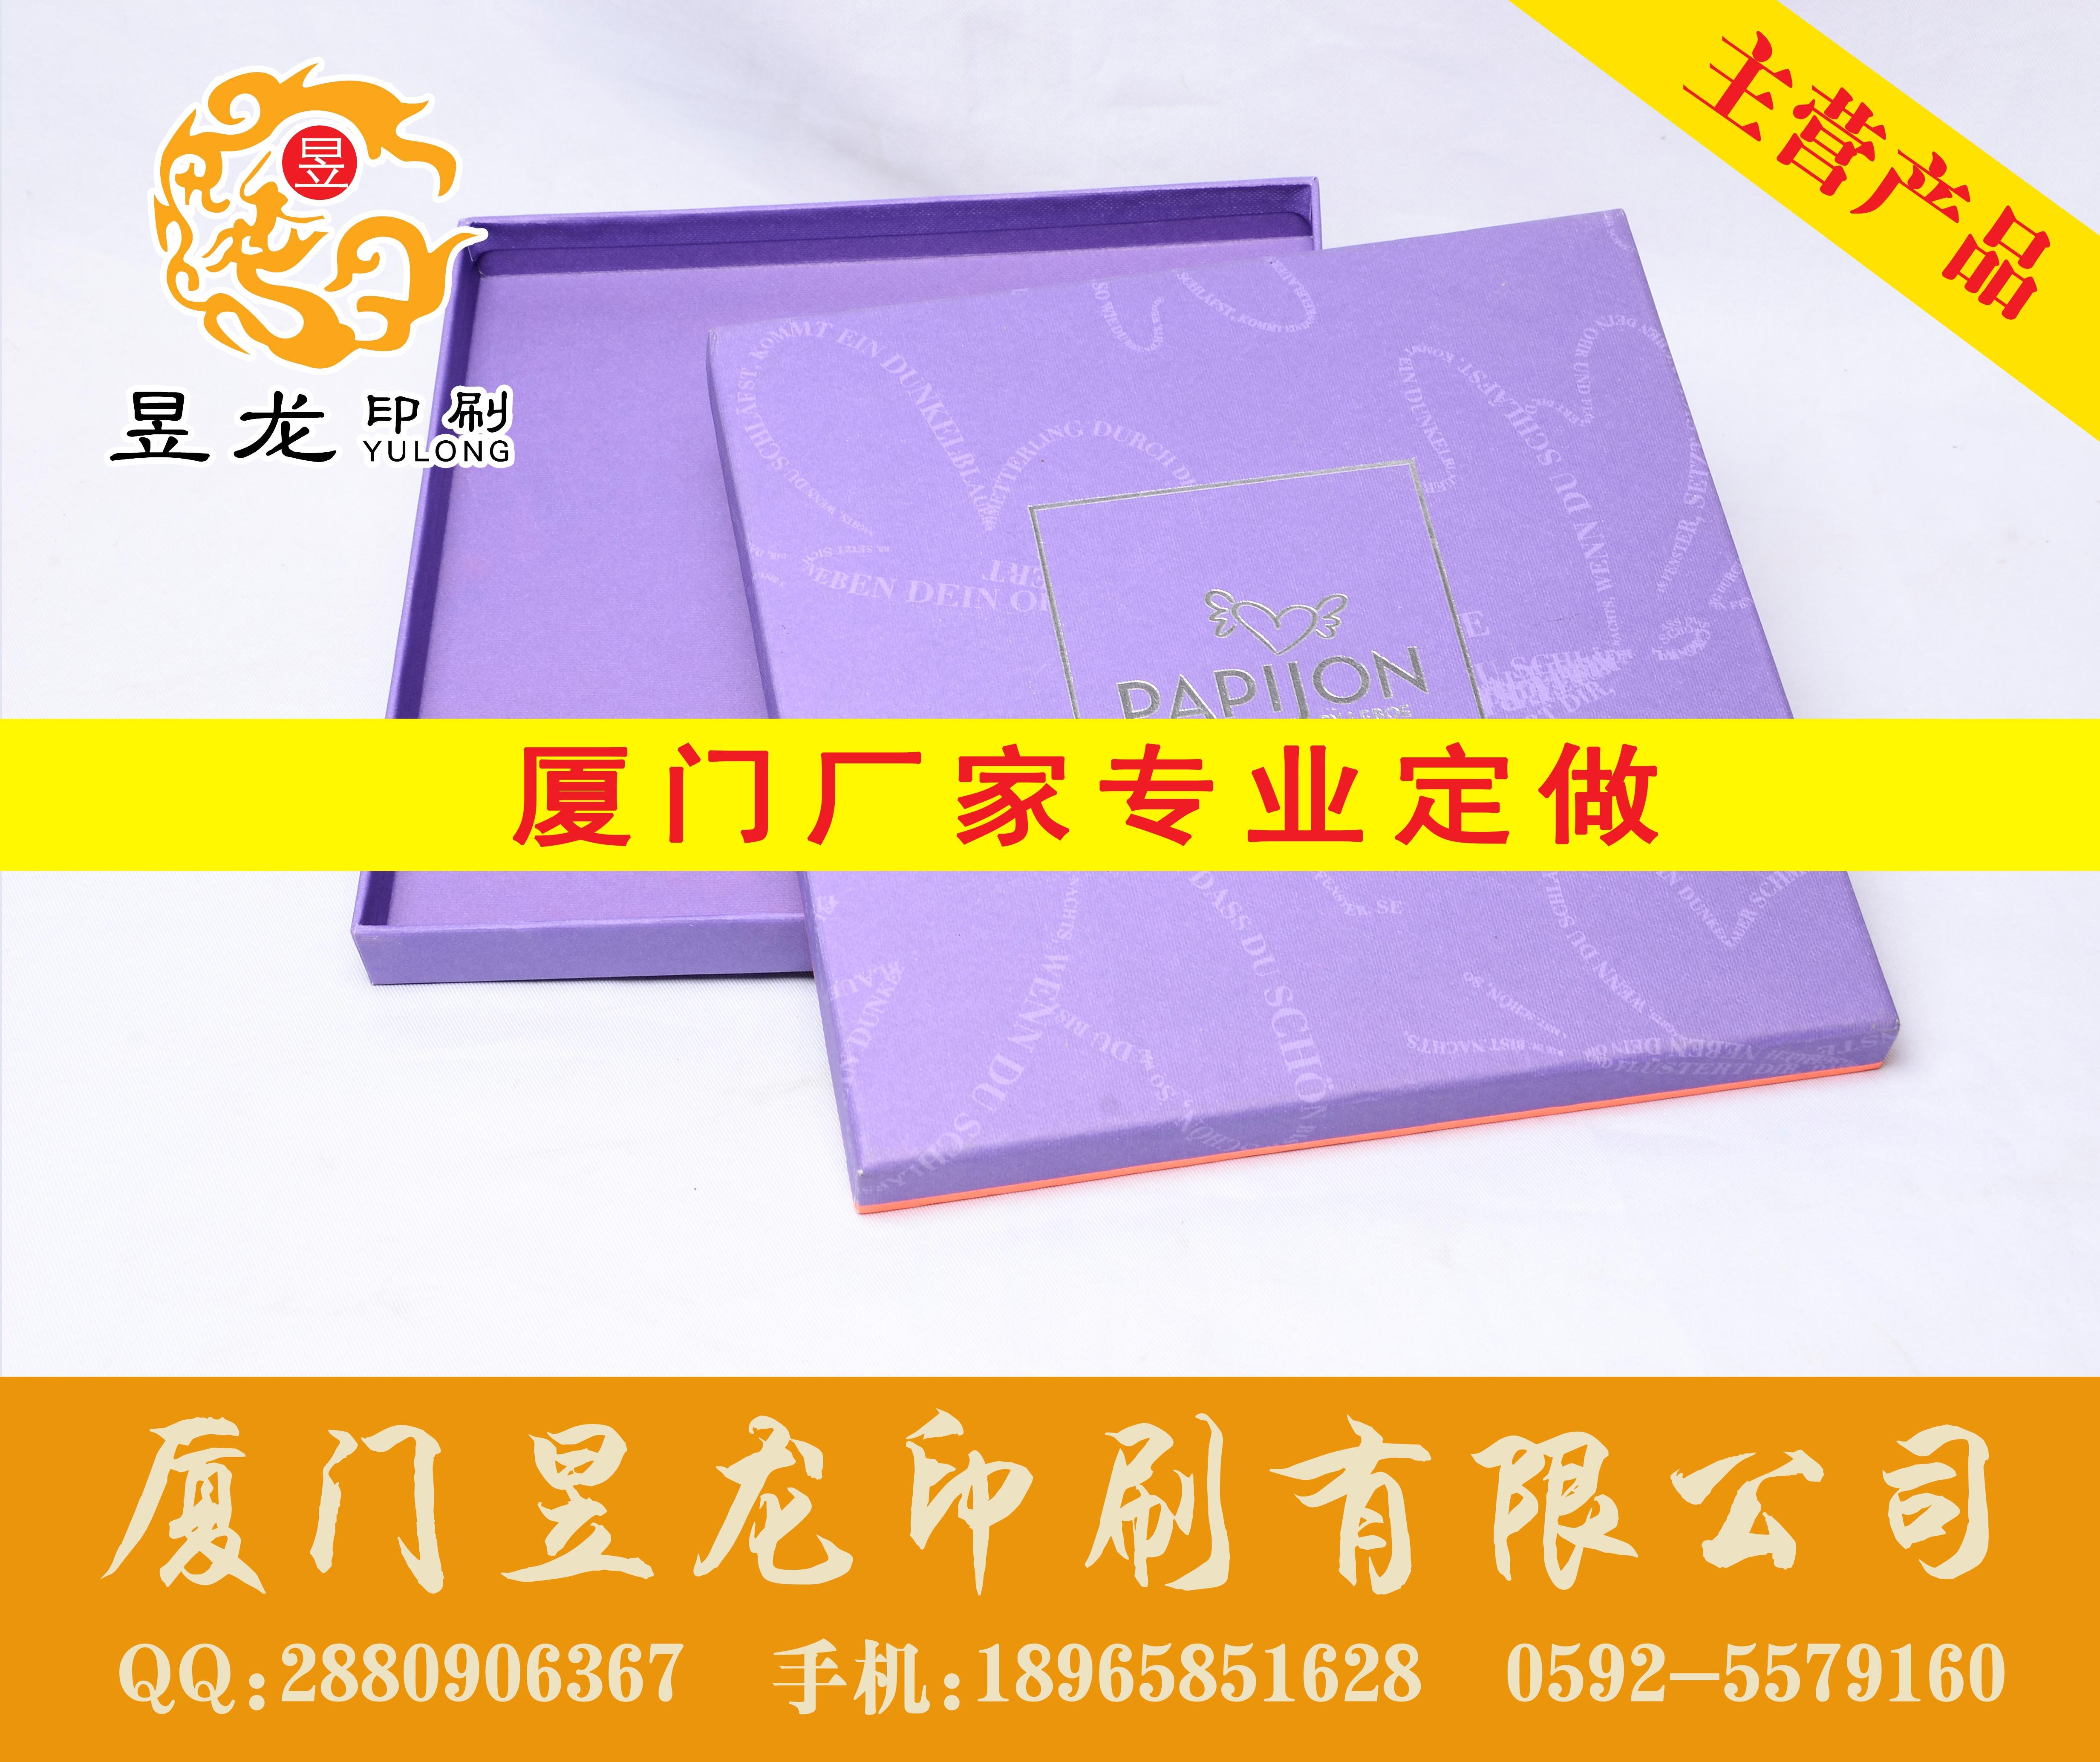 高性价比的礼品包装盒产品信息  _集美包装盒定制